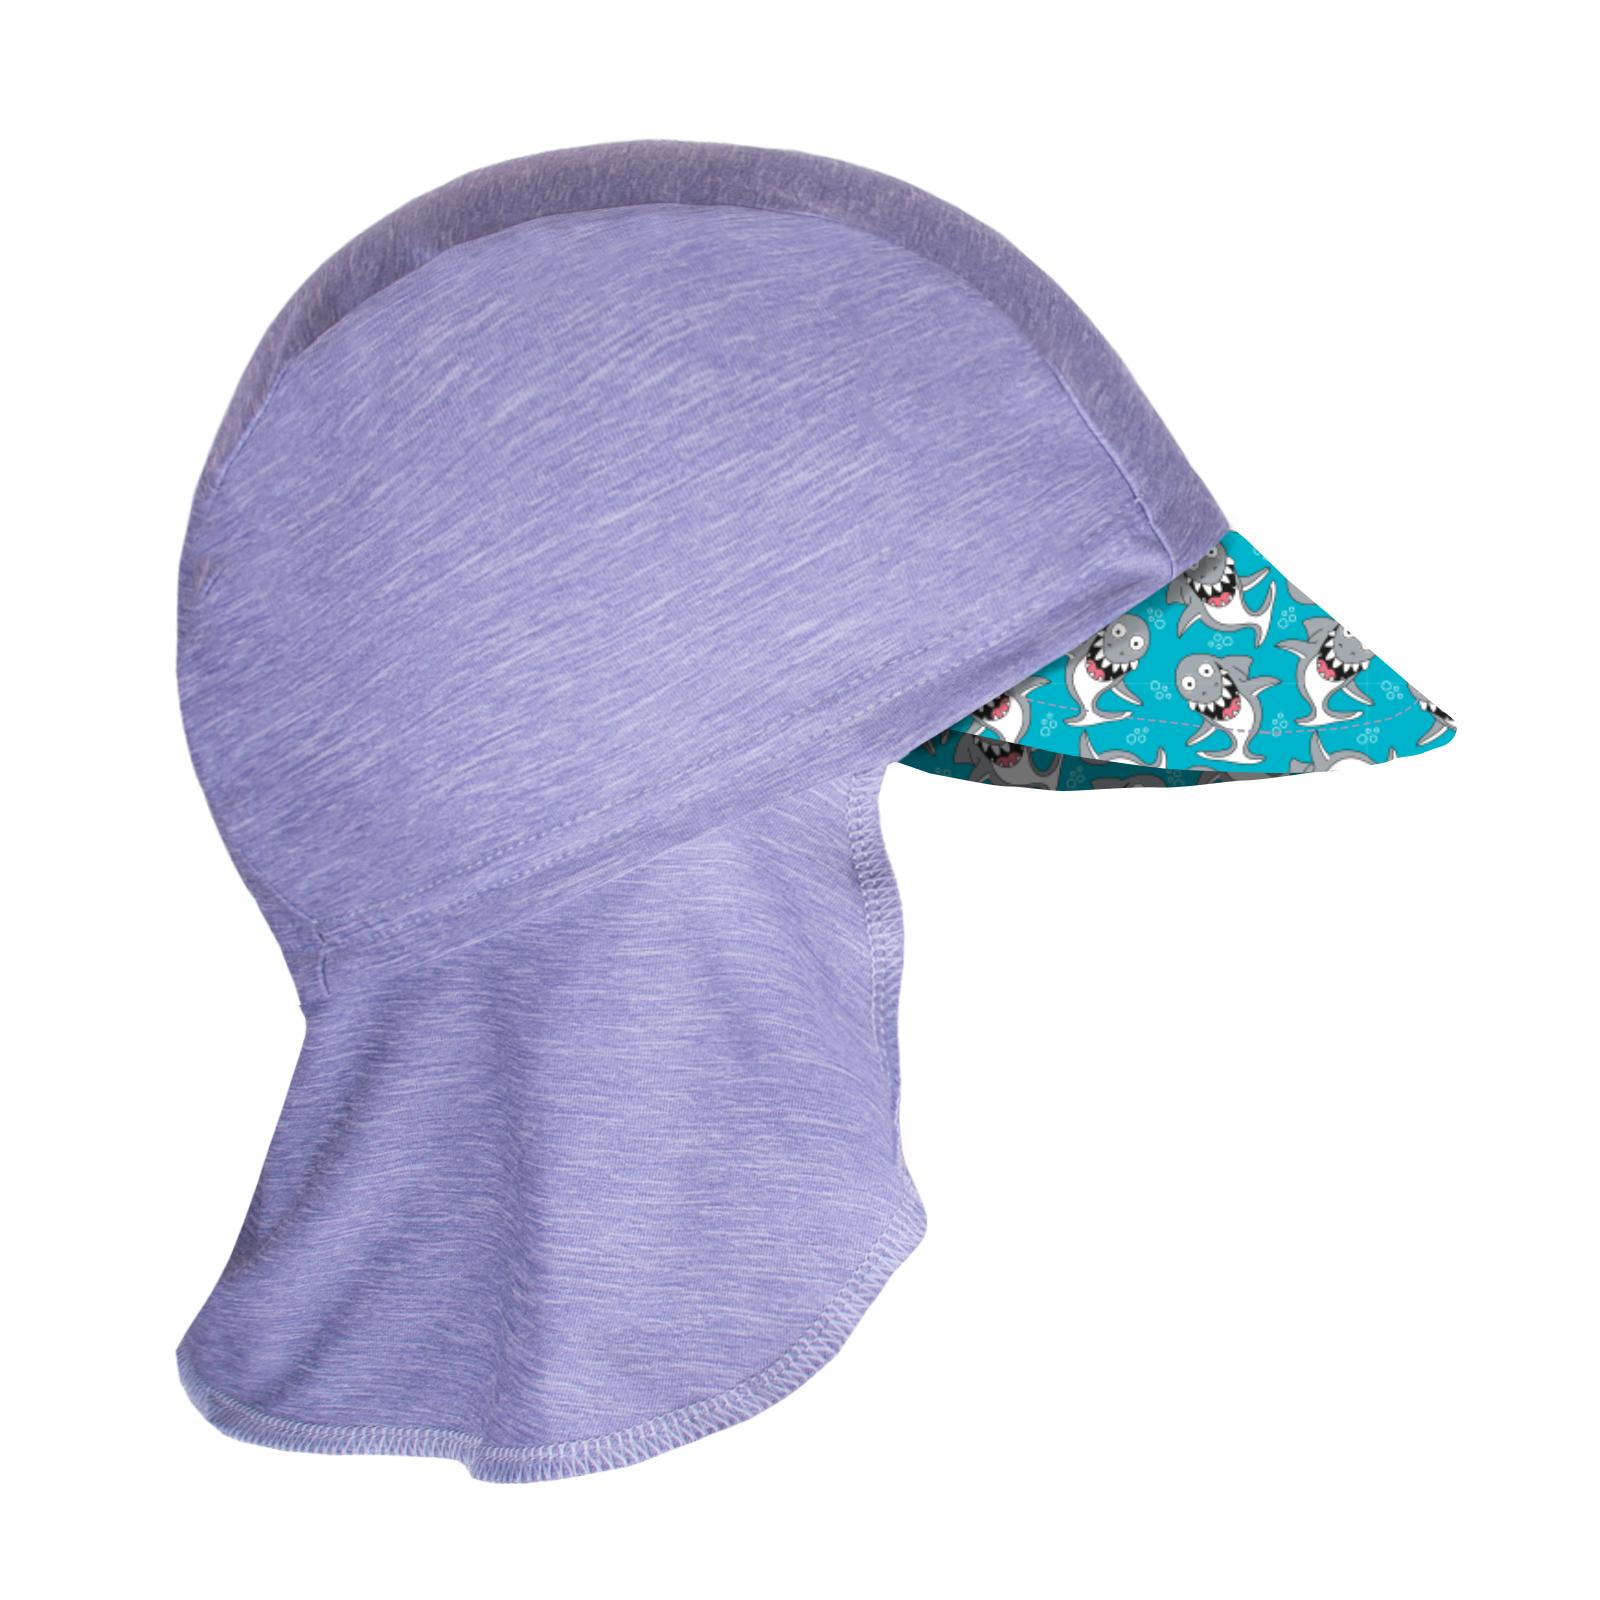 Unuo, Dětská funkční čepice s kšiltem a plachetkou UV 50+, Žíhaná Holubičí Šedá, Žraloci Velikost: S (45 - 48 cm)